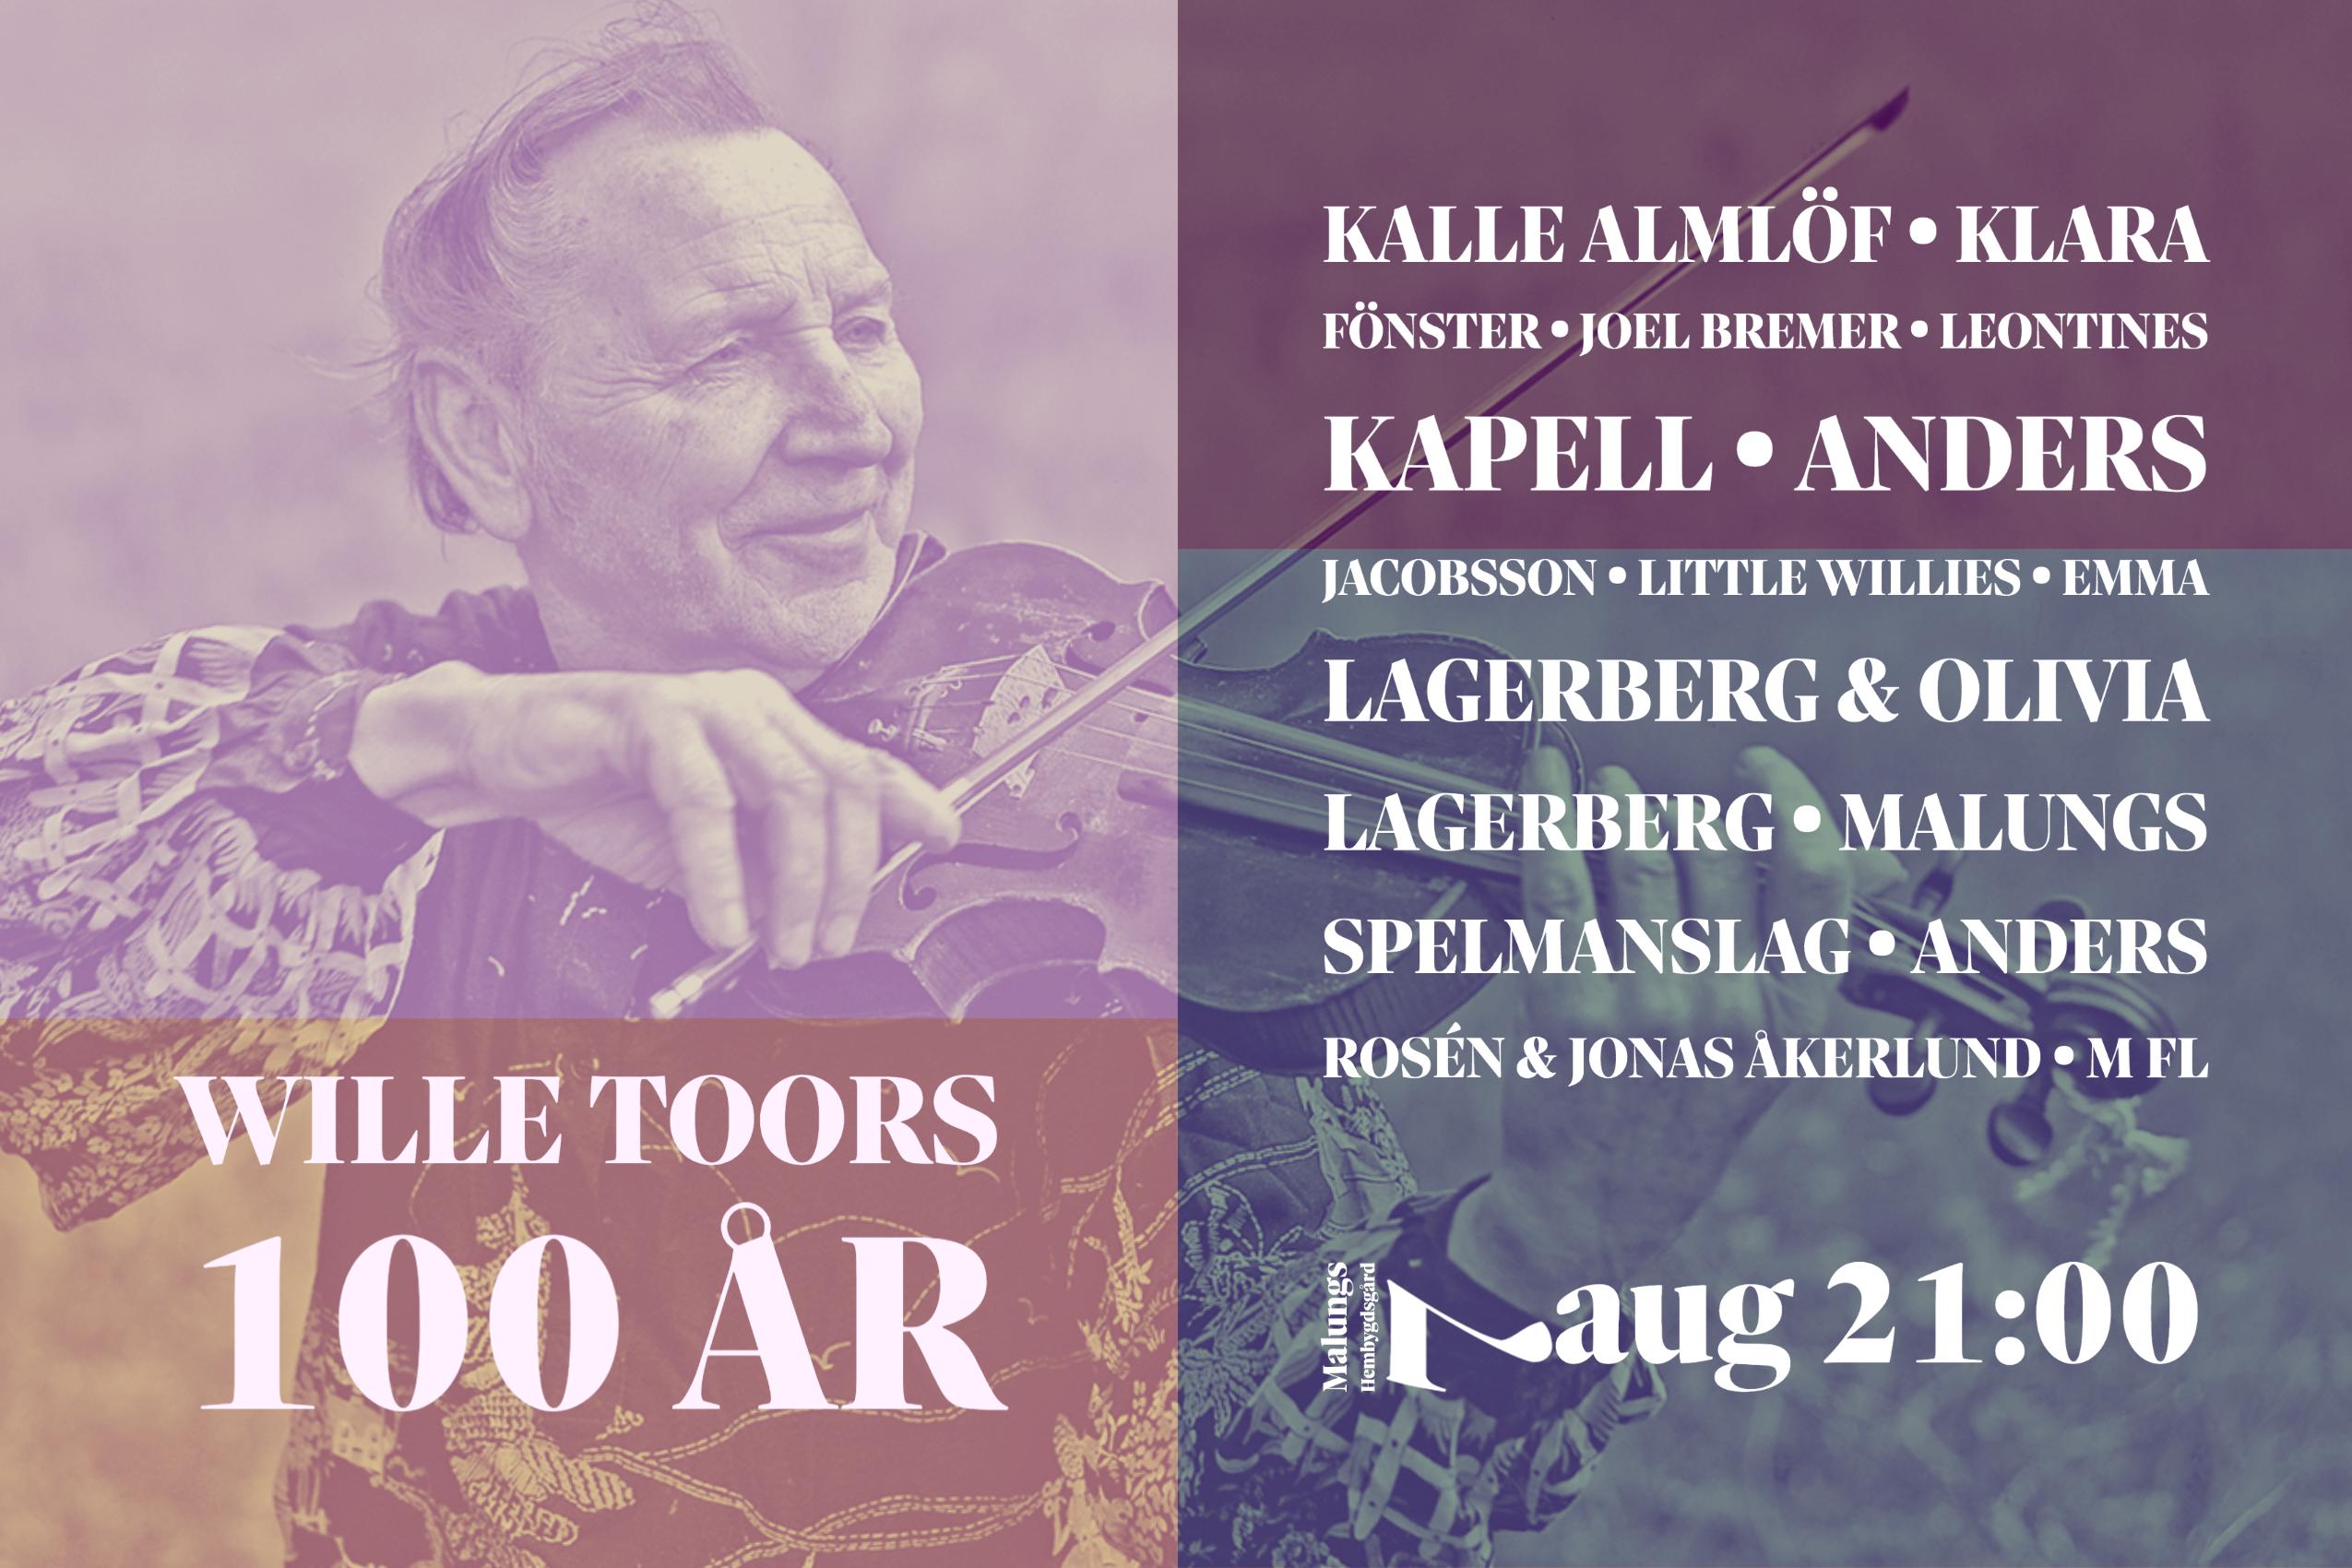 Wille Toors - jubileumskväll på Hembygdsgården